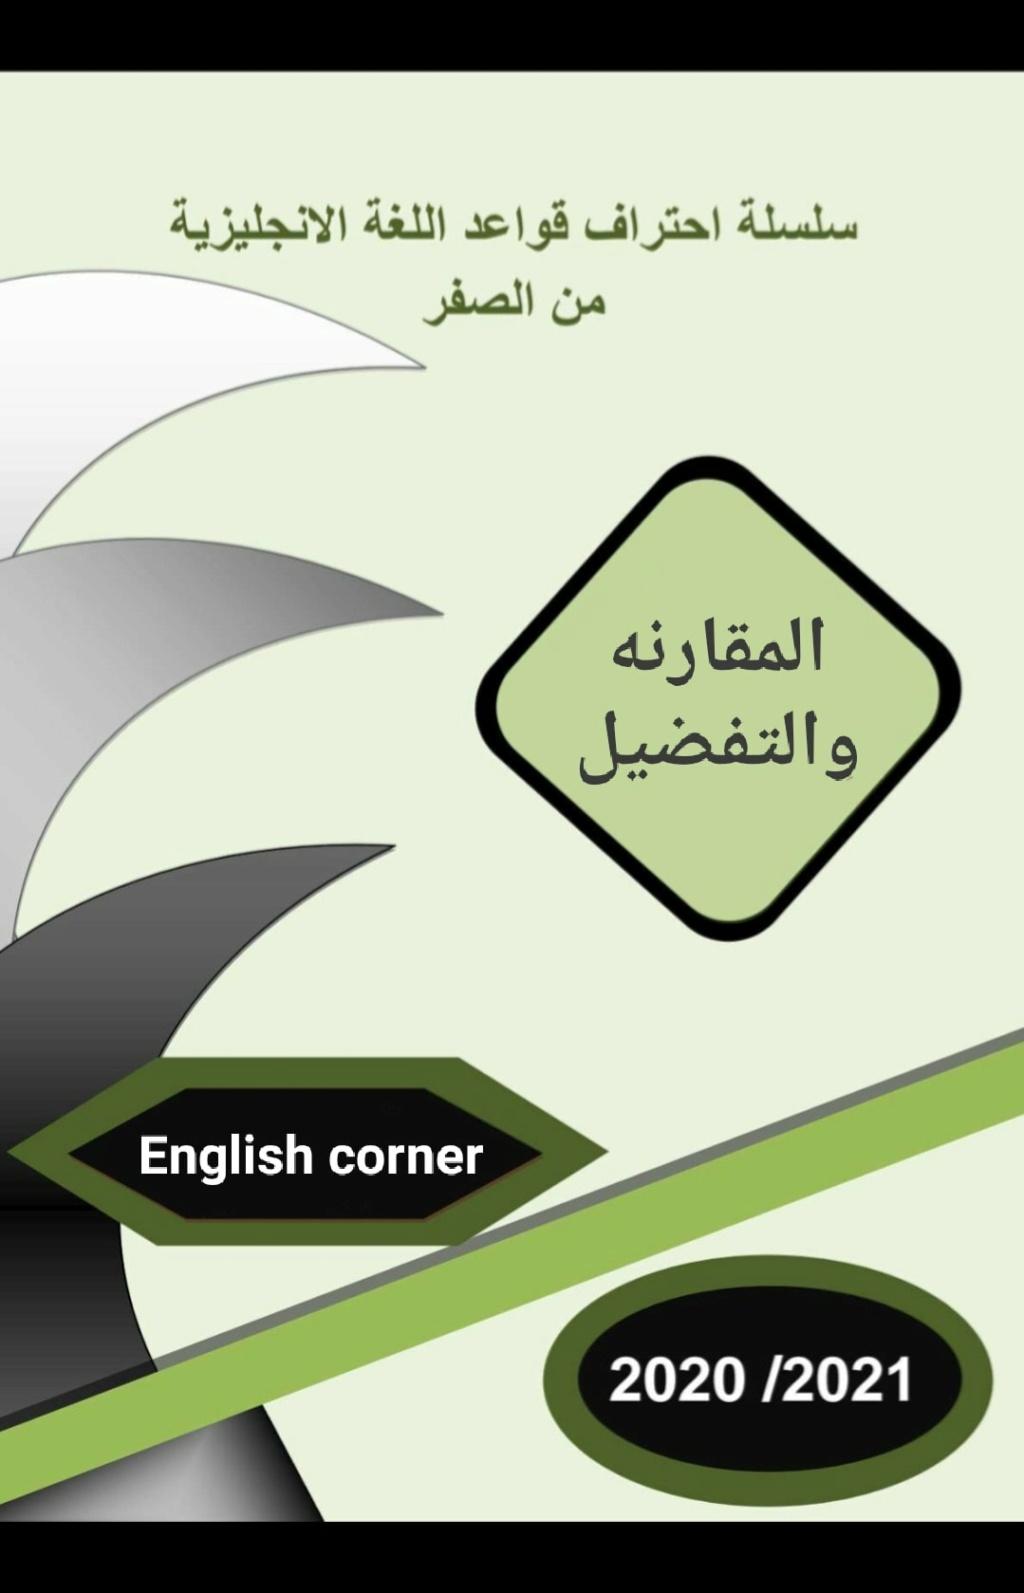 لغة انجليزية: مذكرة المقارنه والتفضيل في اللغة الانجليزية 12490